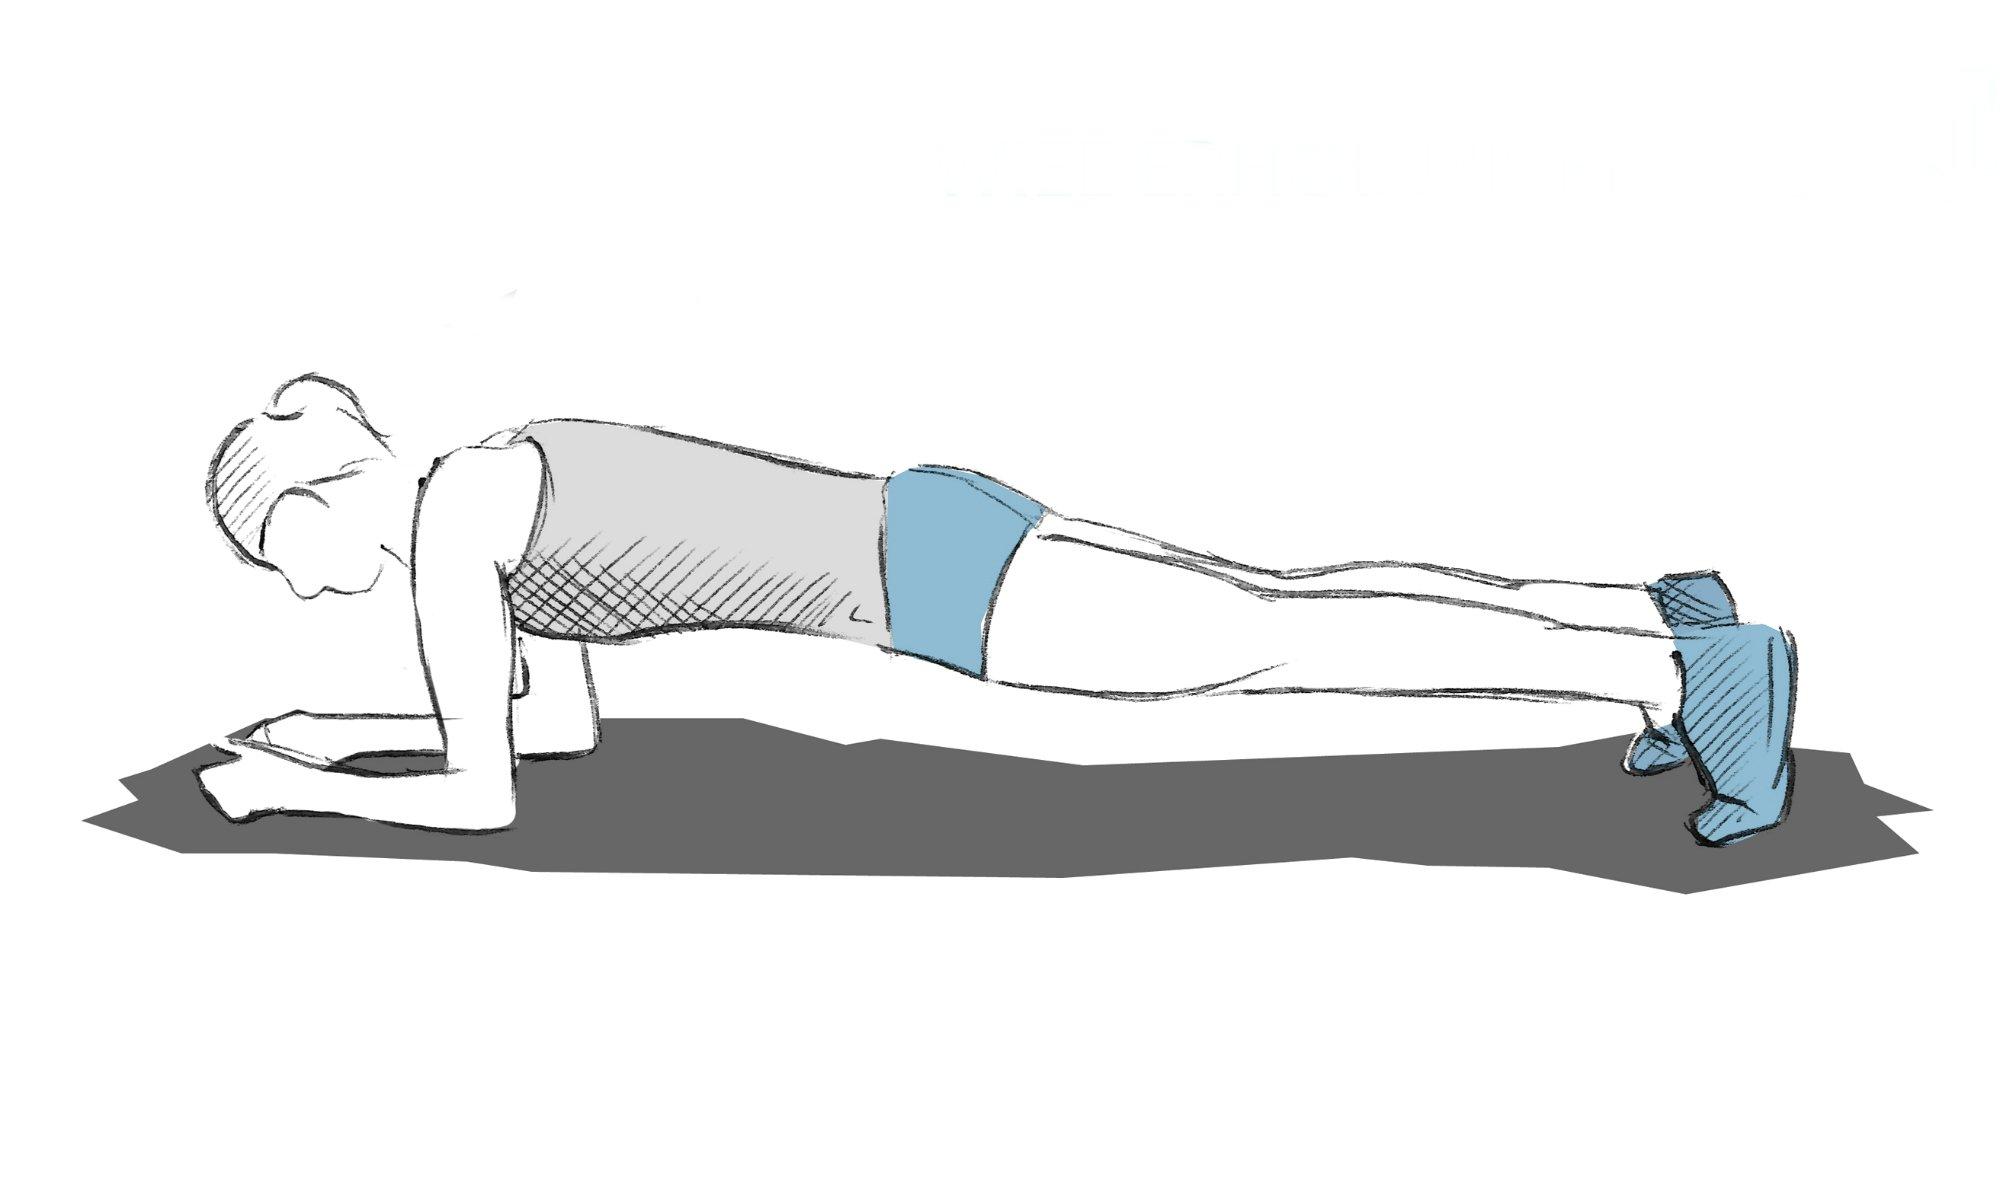 La posizione che si dovrebbe tenere facendo l'esercizio descritto